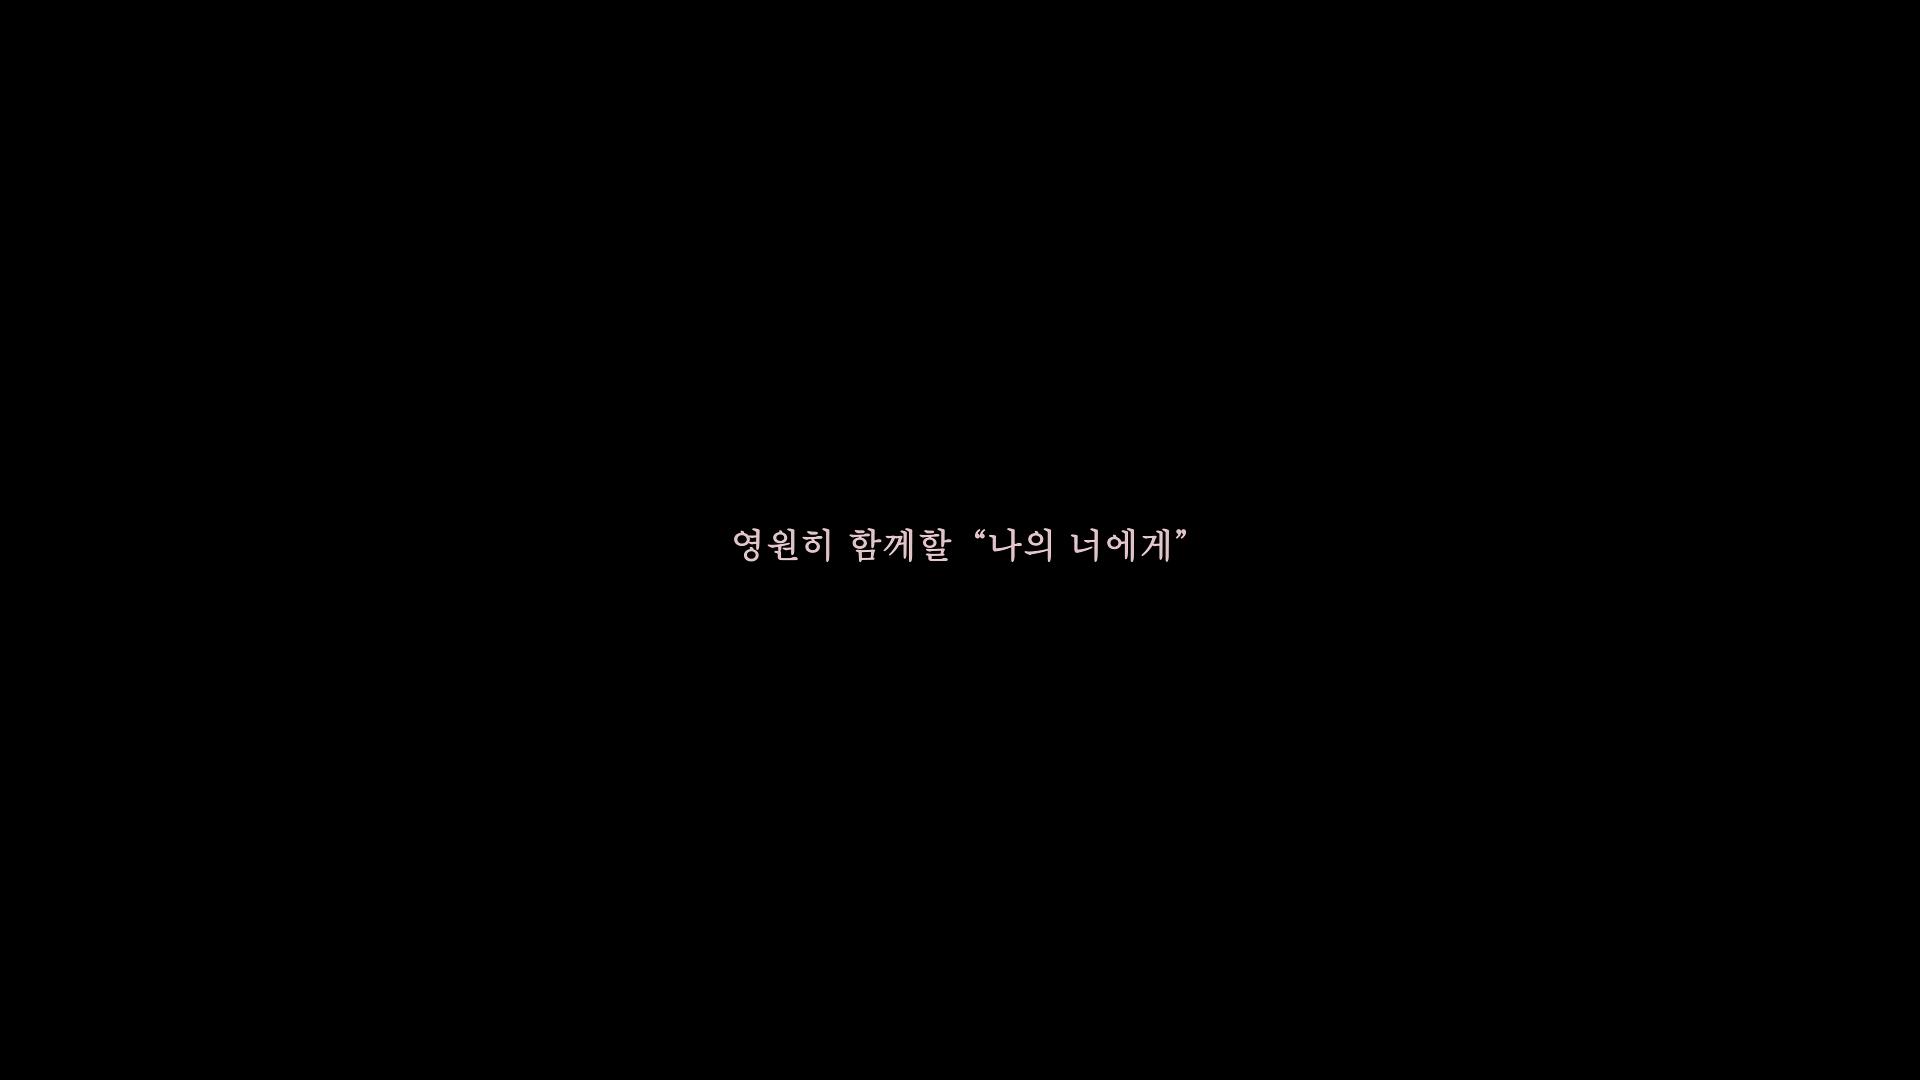 """신혜성(SHIN HYE SUNG) - """"나의 너에게"""" M/V"""